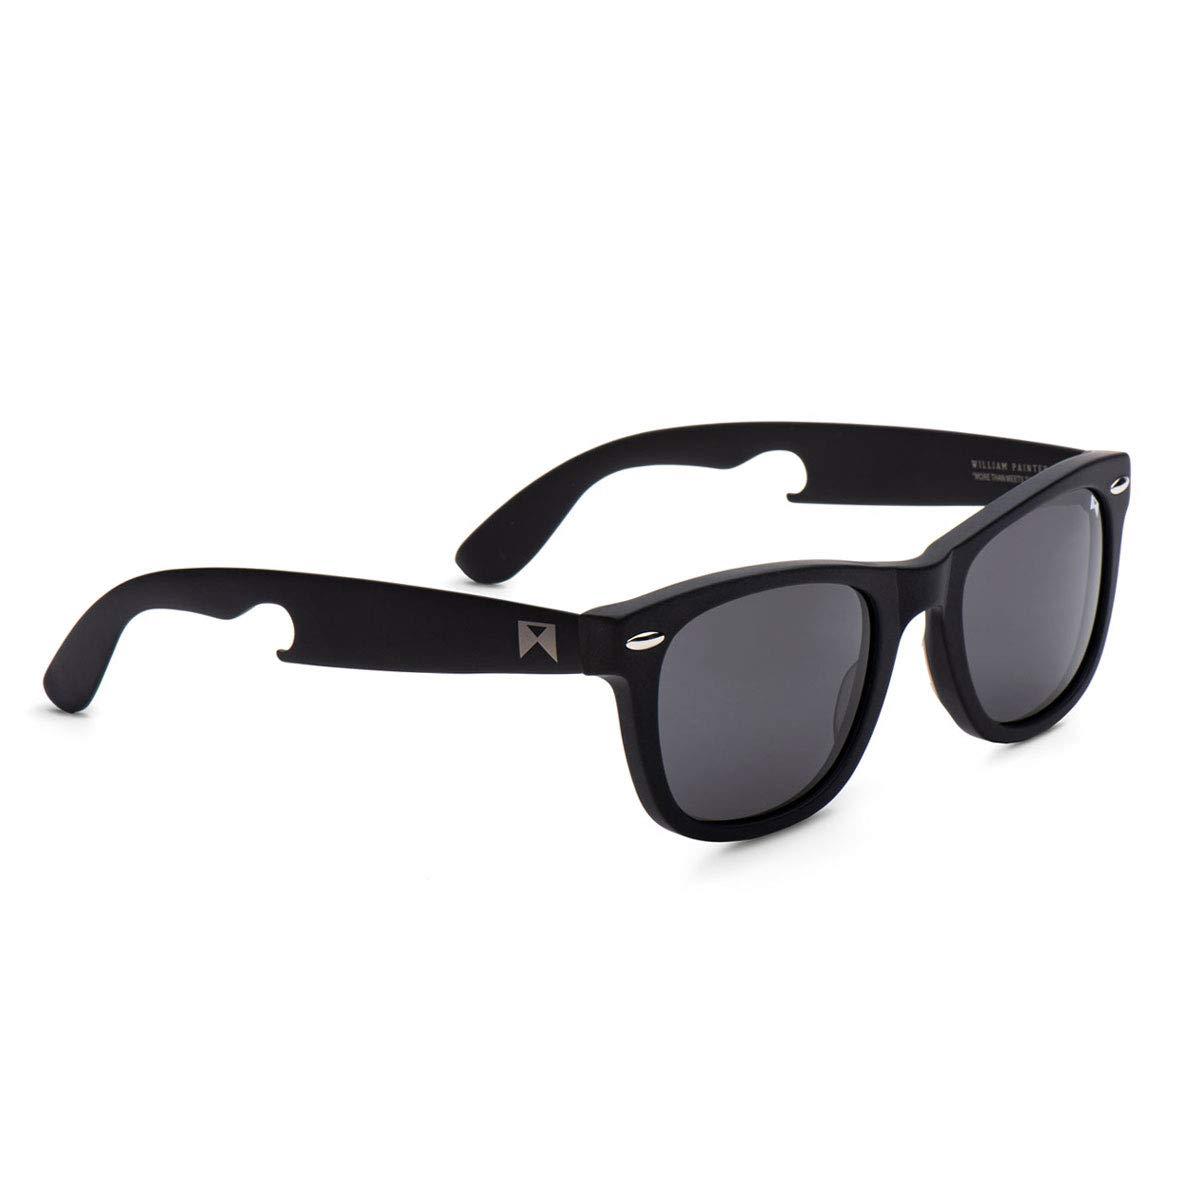 William Painter - The Hook Titanium Polarized 'Classic' Sunglasses